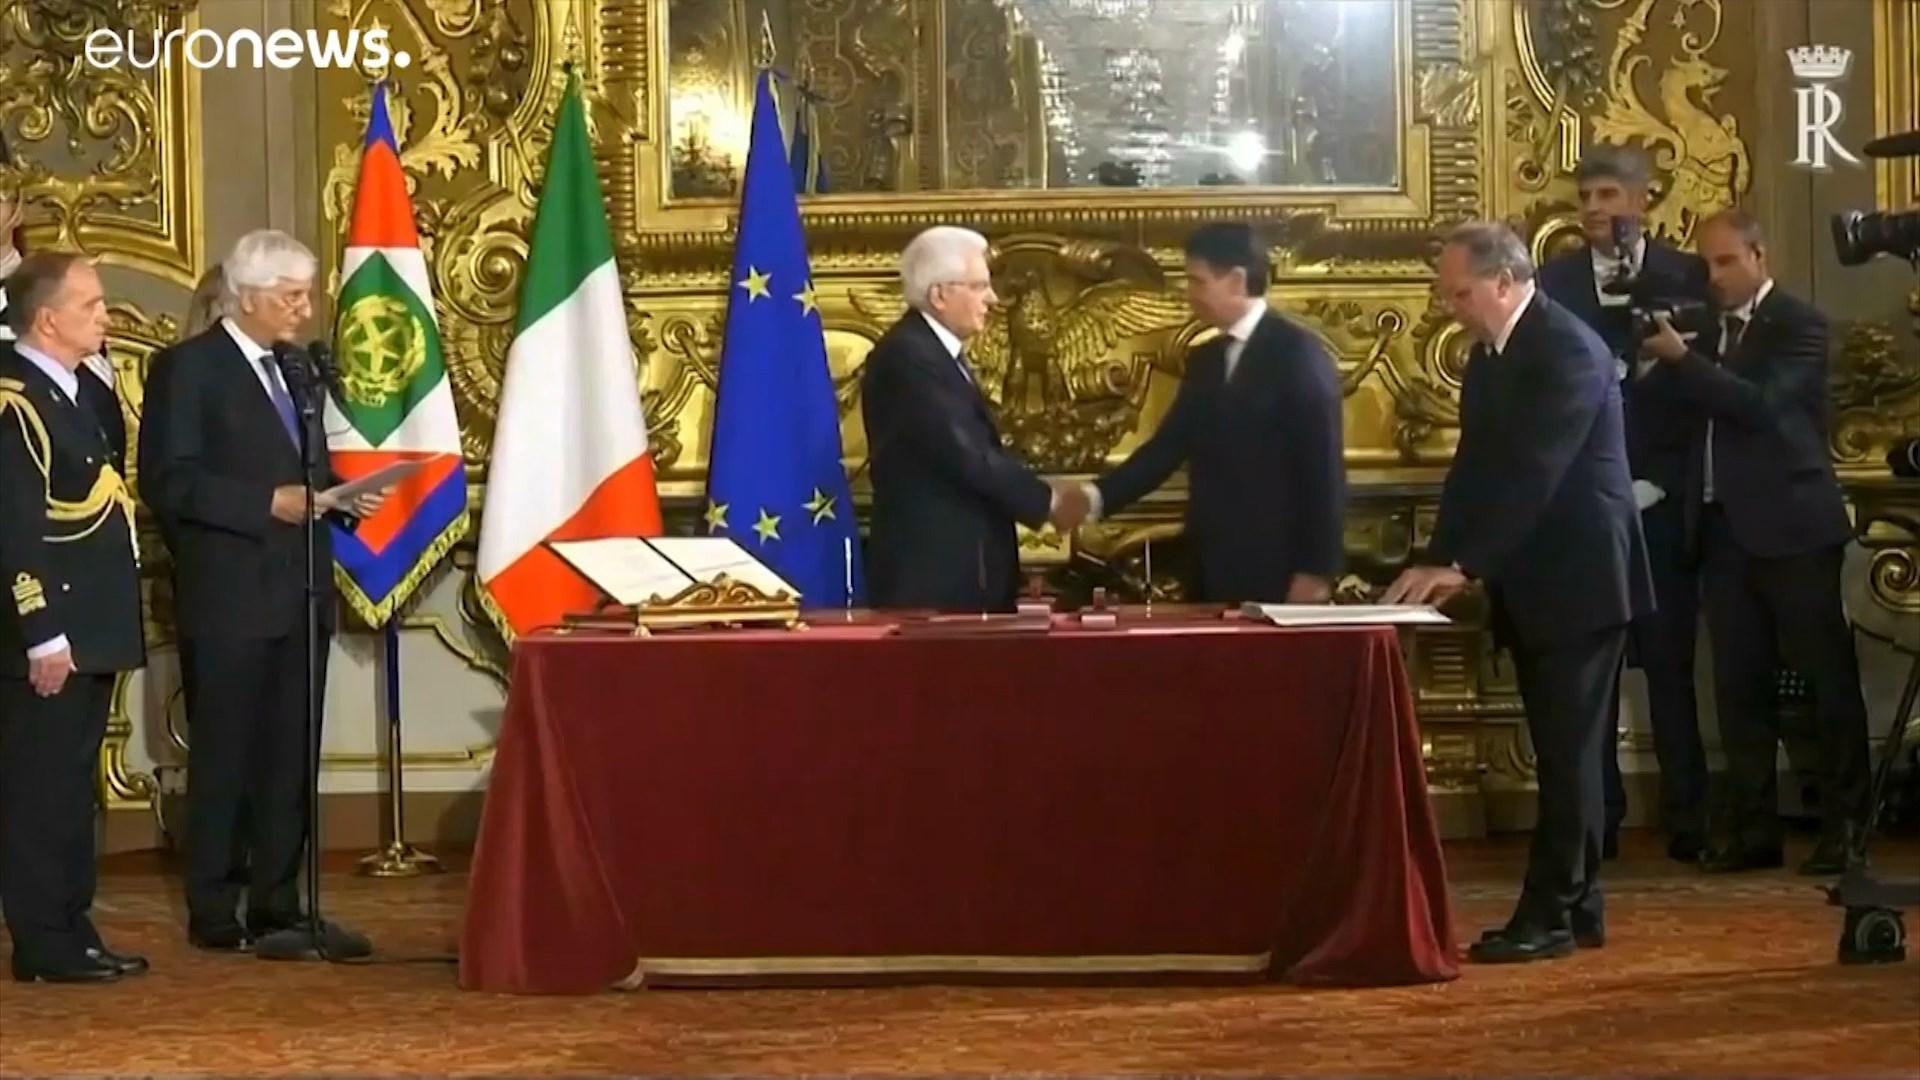 Përbërja e qeverisë italiane, avokatë e profesorë, 4 ministra pa diplomë